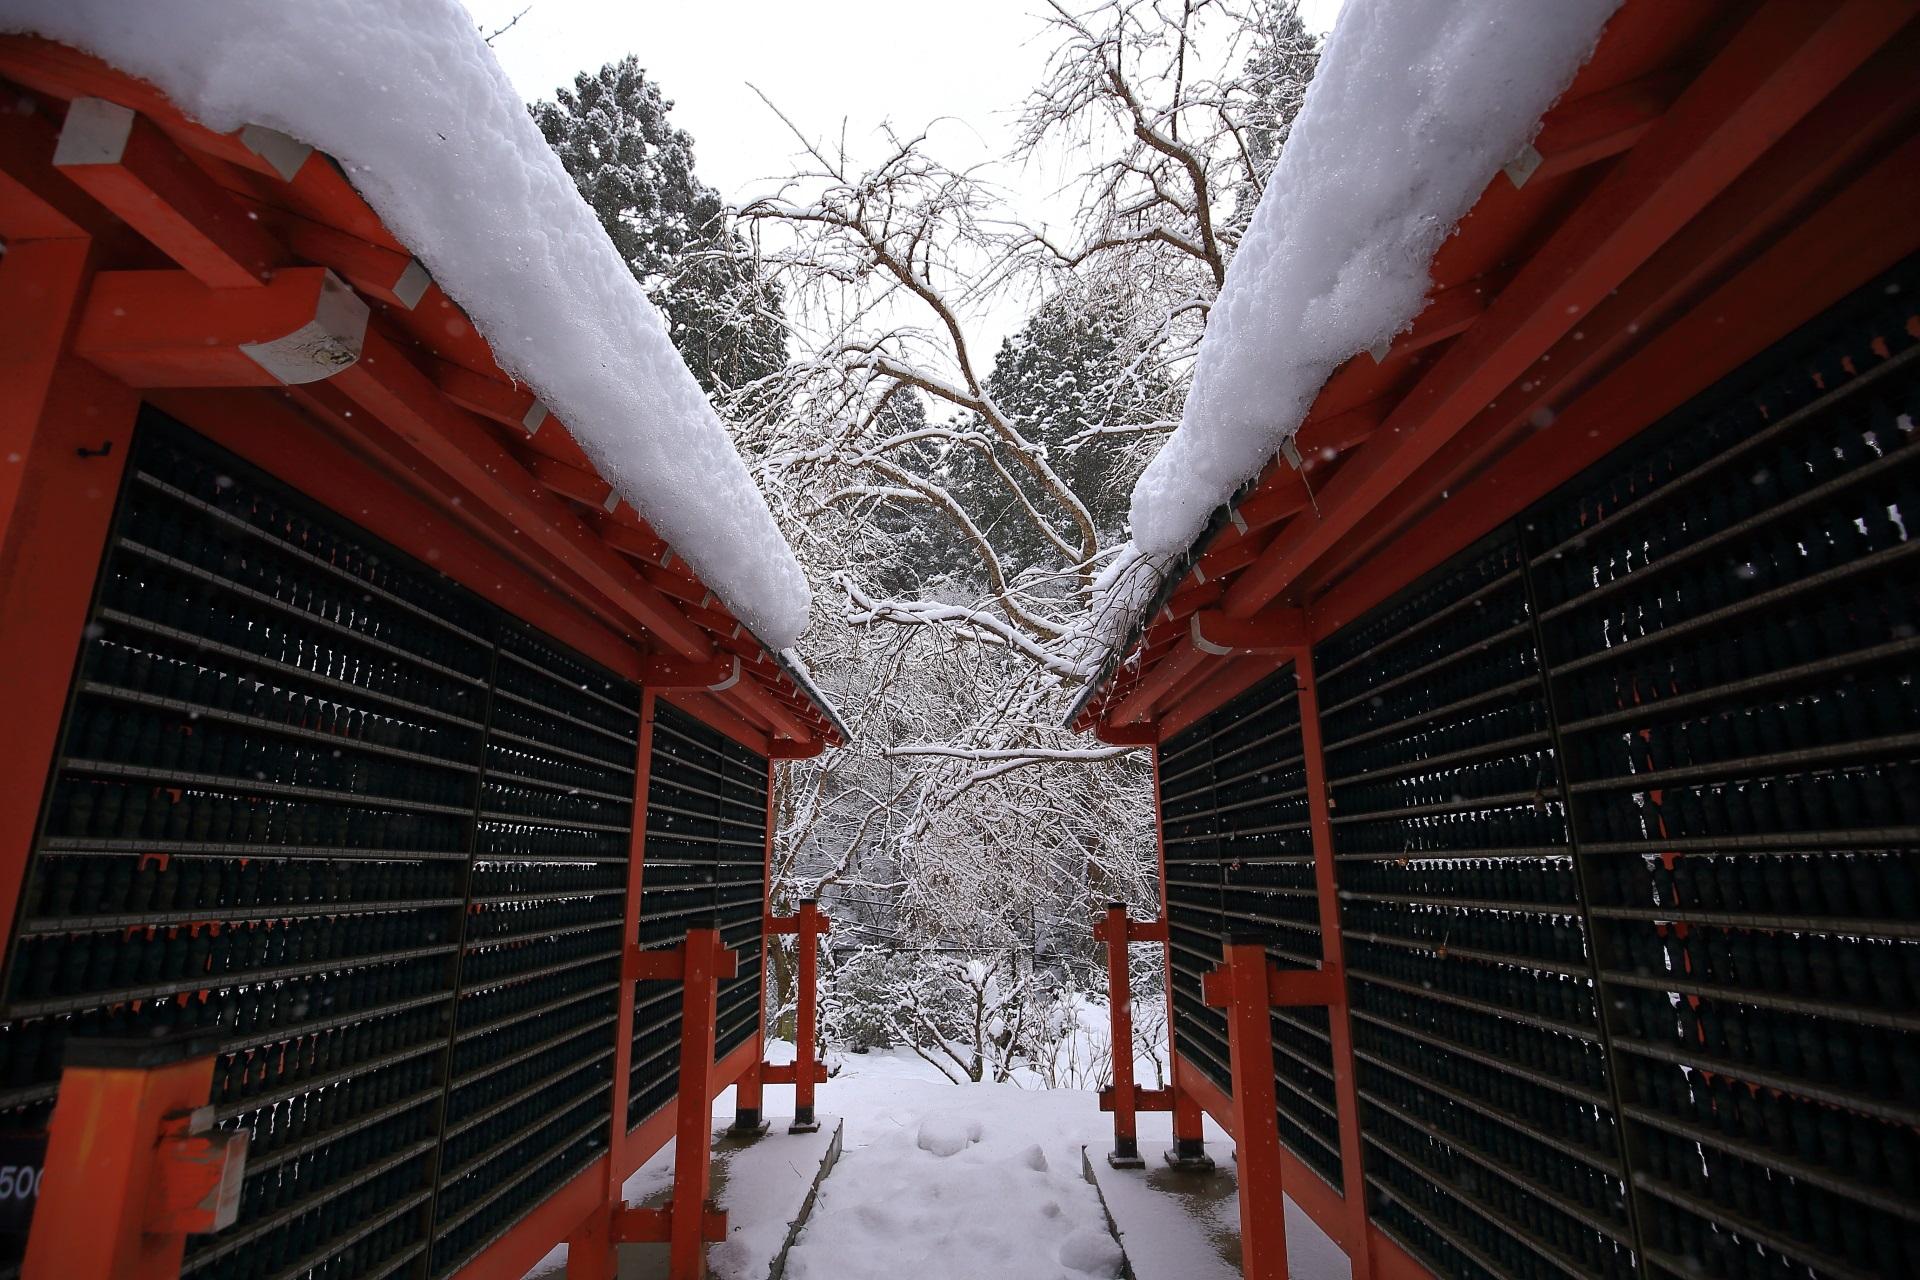 雪がてんこ盛りの三千院